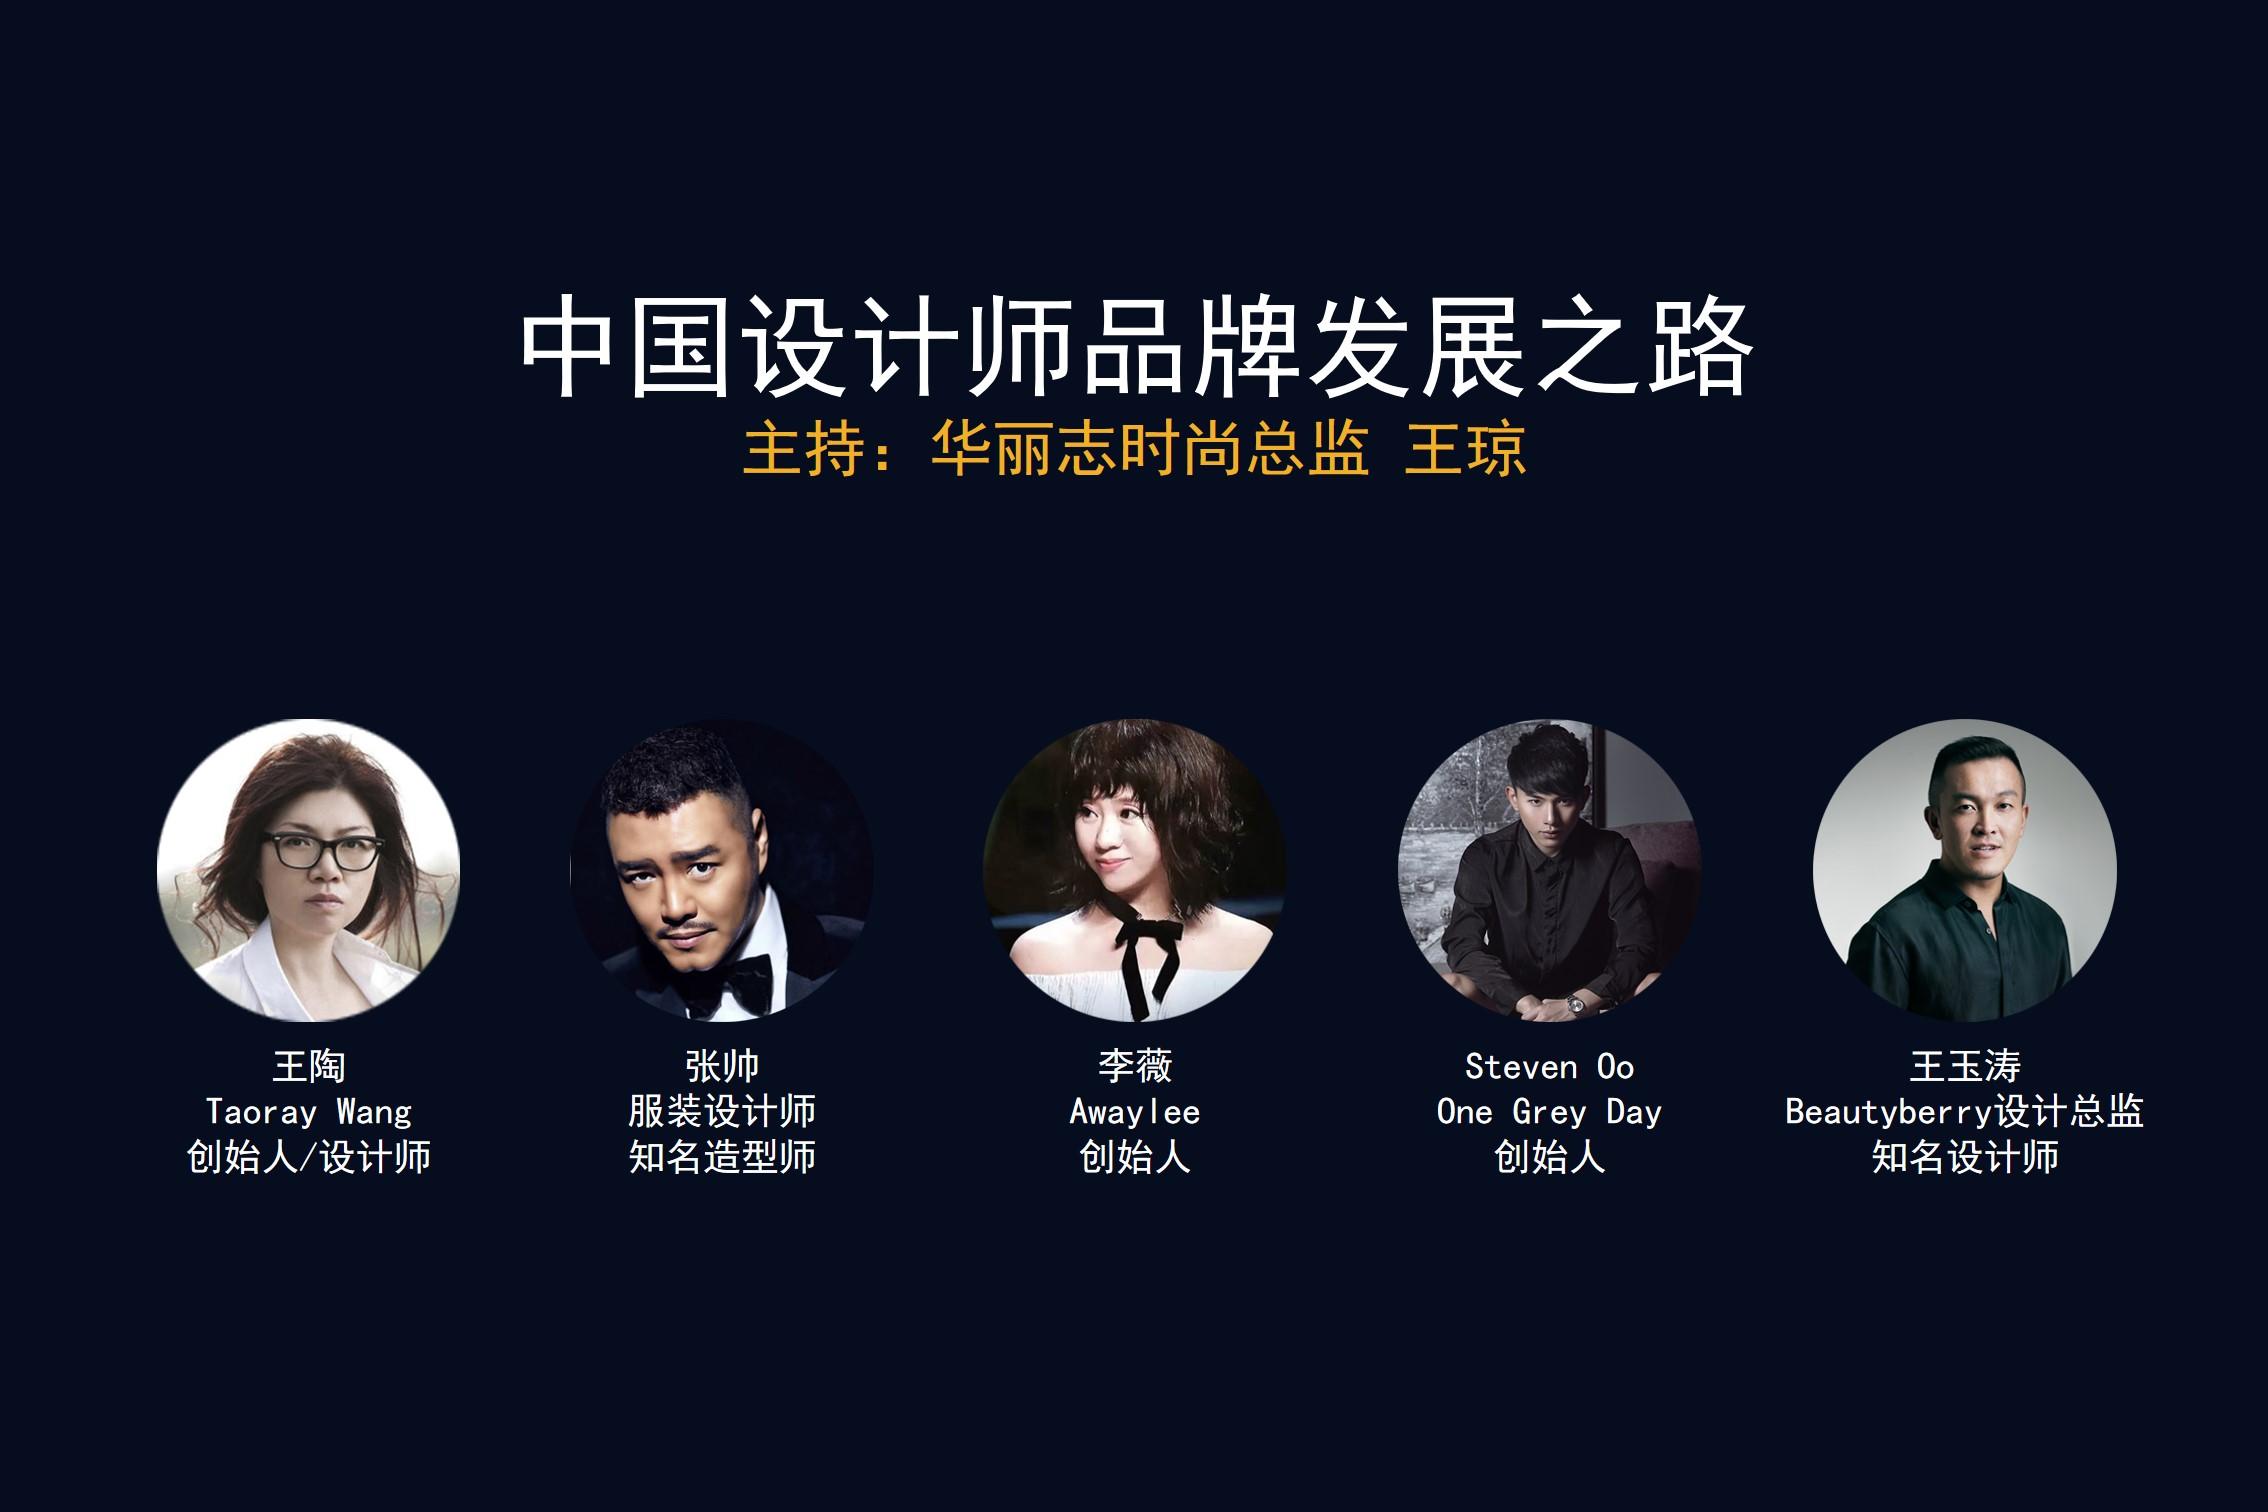 中国设计师品牌发展之路【华丽盛典嘉宾介绍】